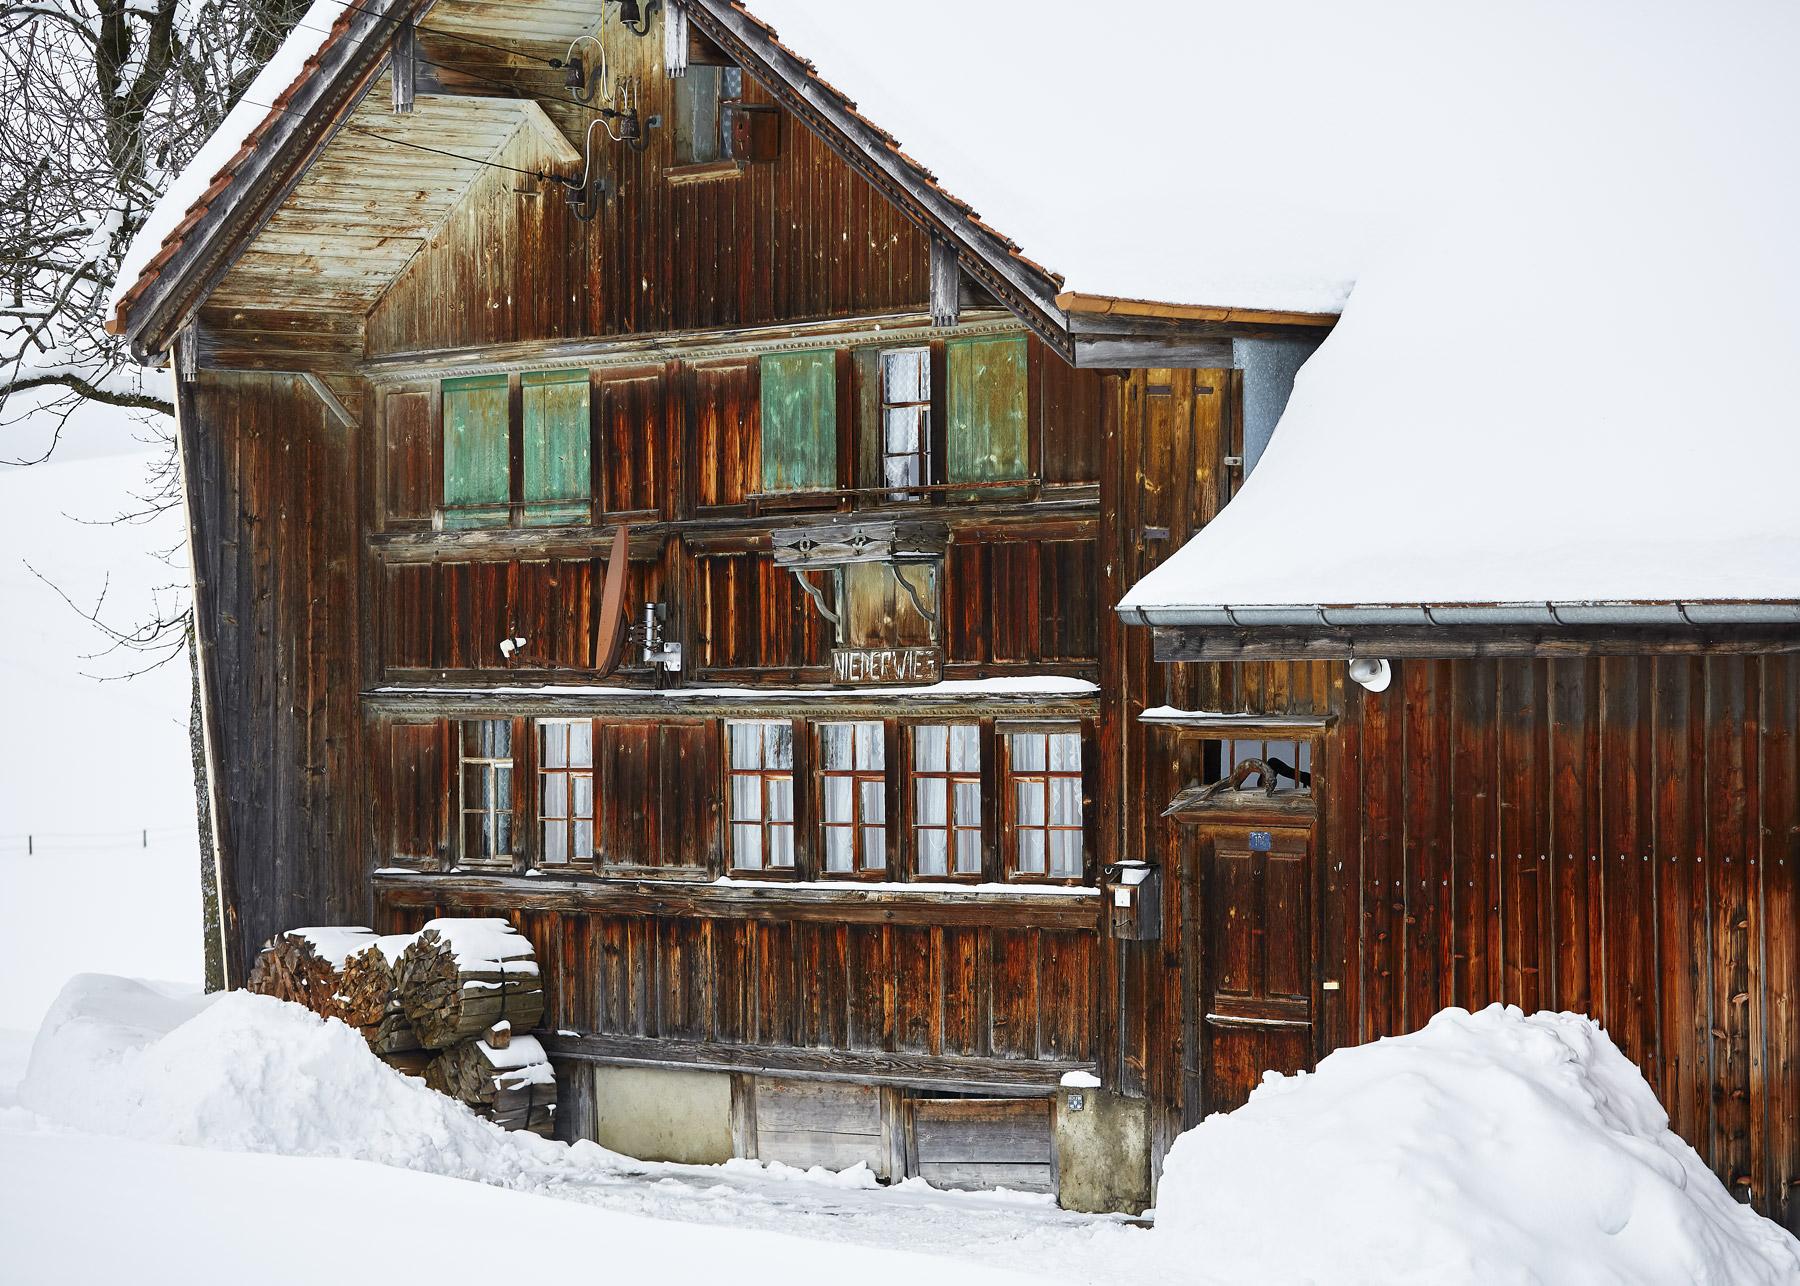 Appenzell Bauernhaus Winter